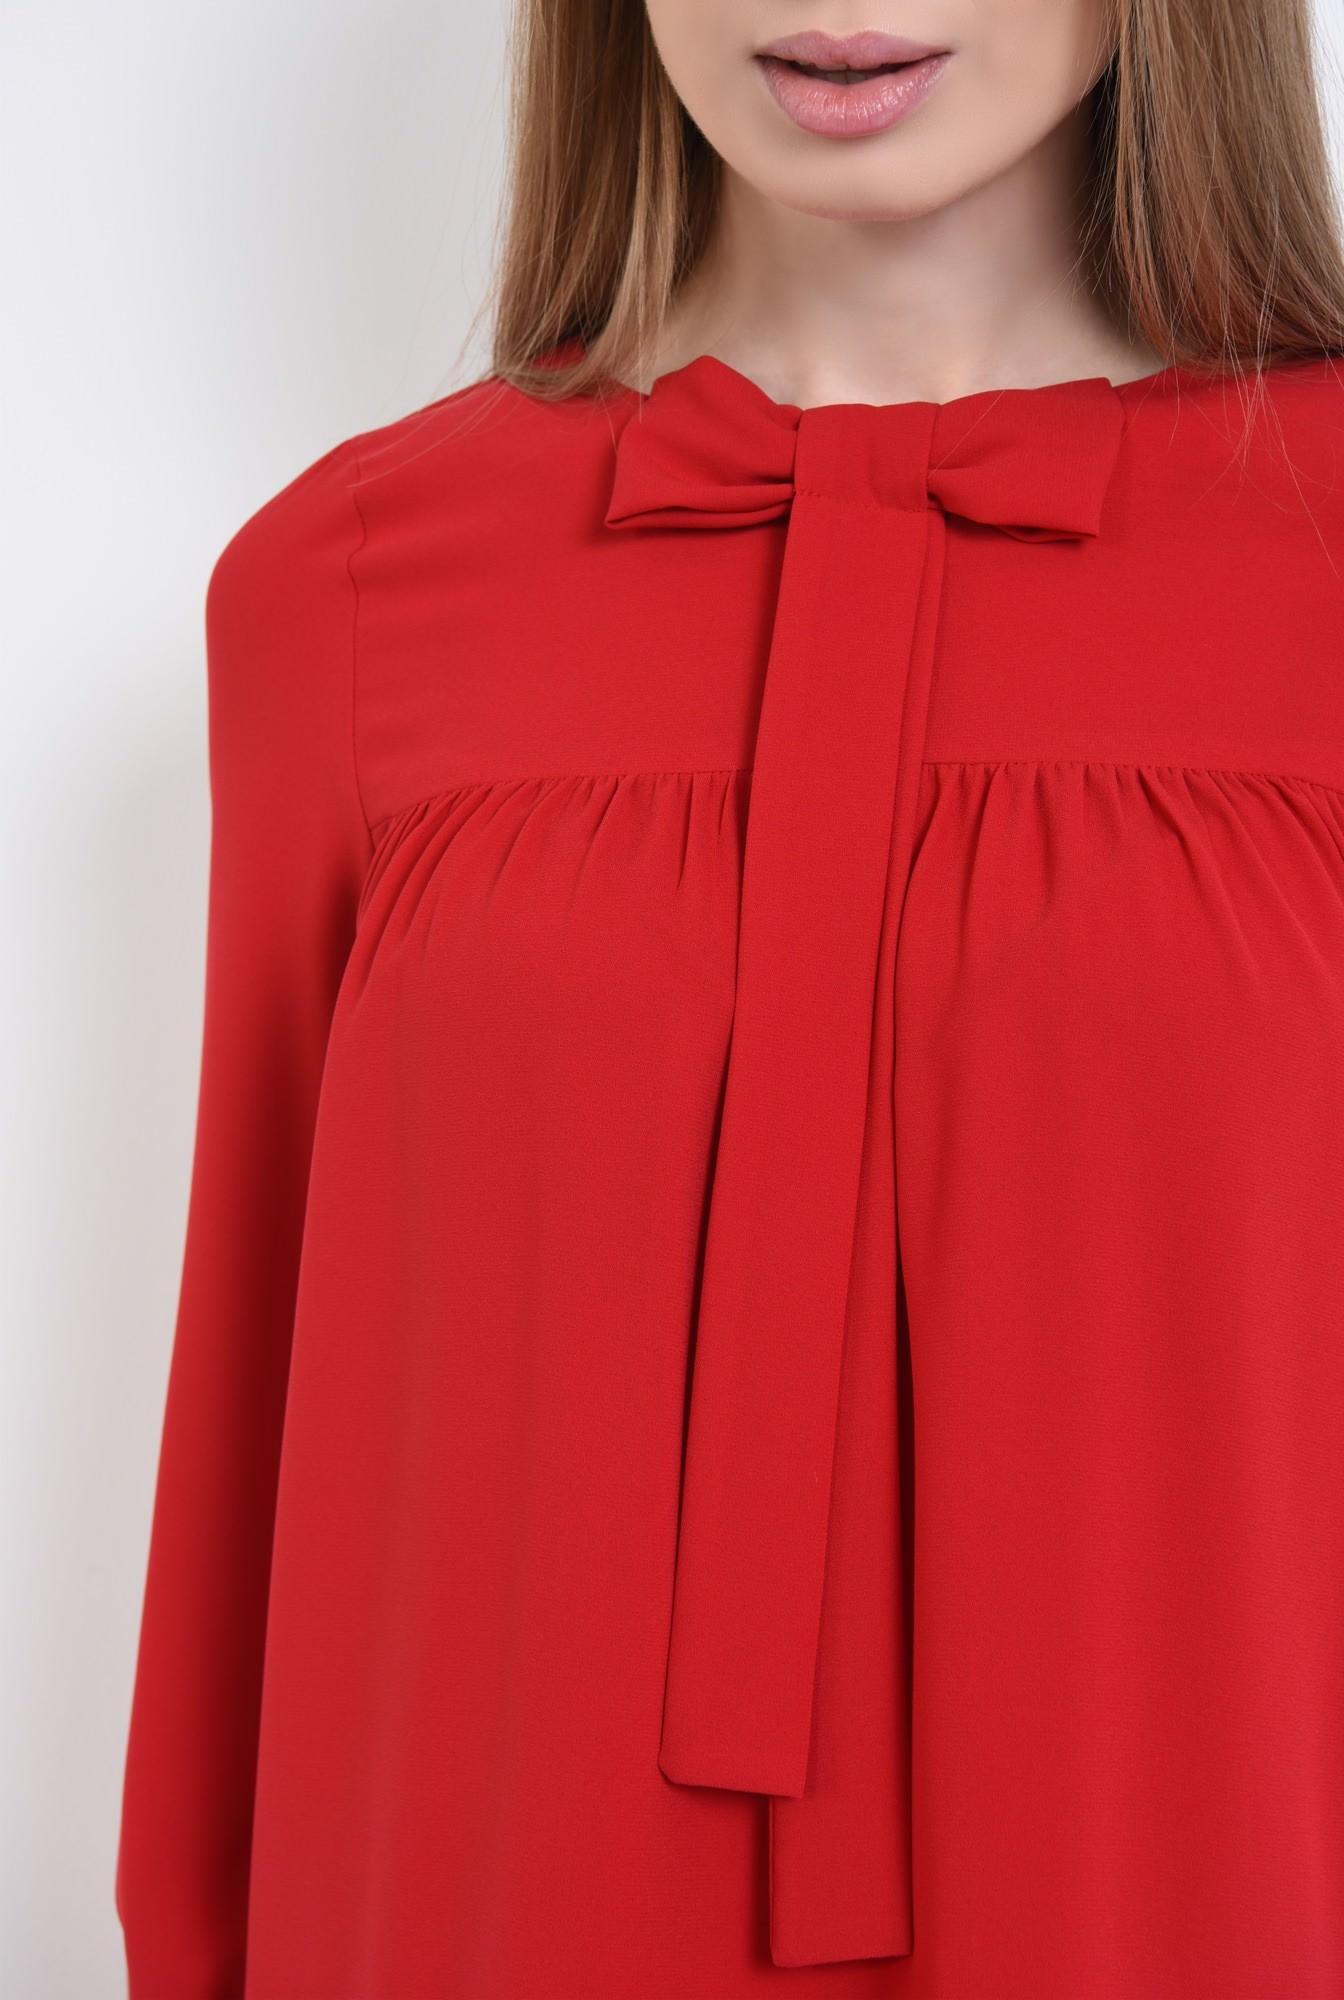 2 - 360 - rochie scurta rosie, croi evazat, tesatura fluida